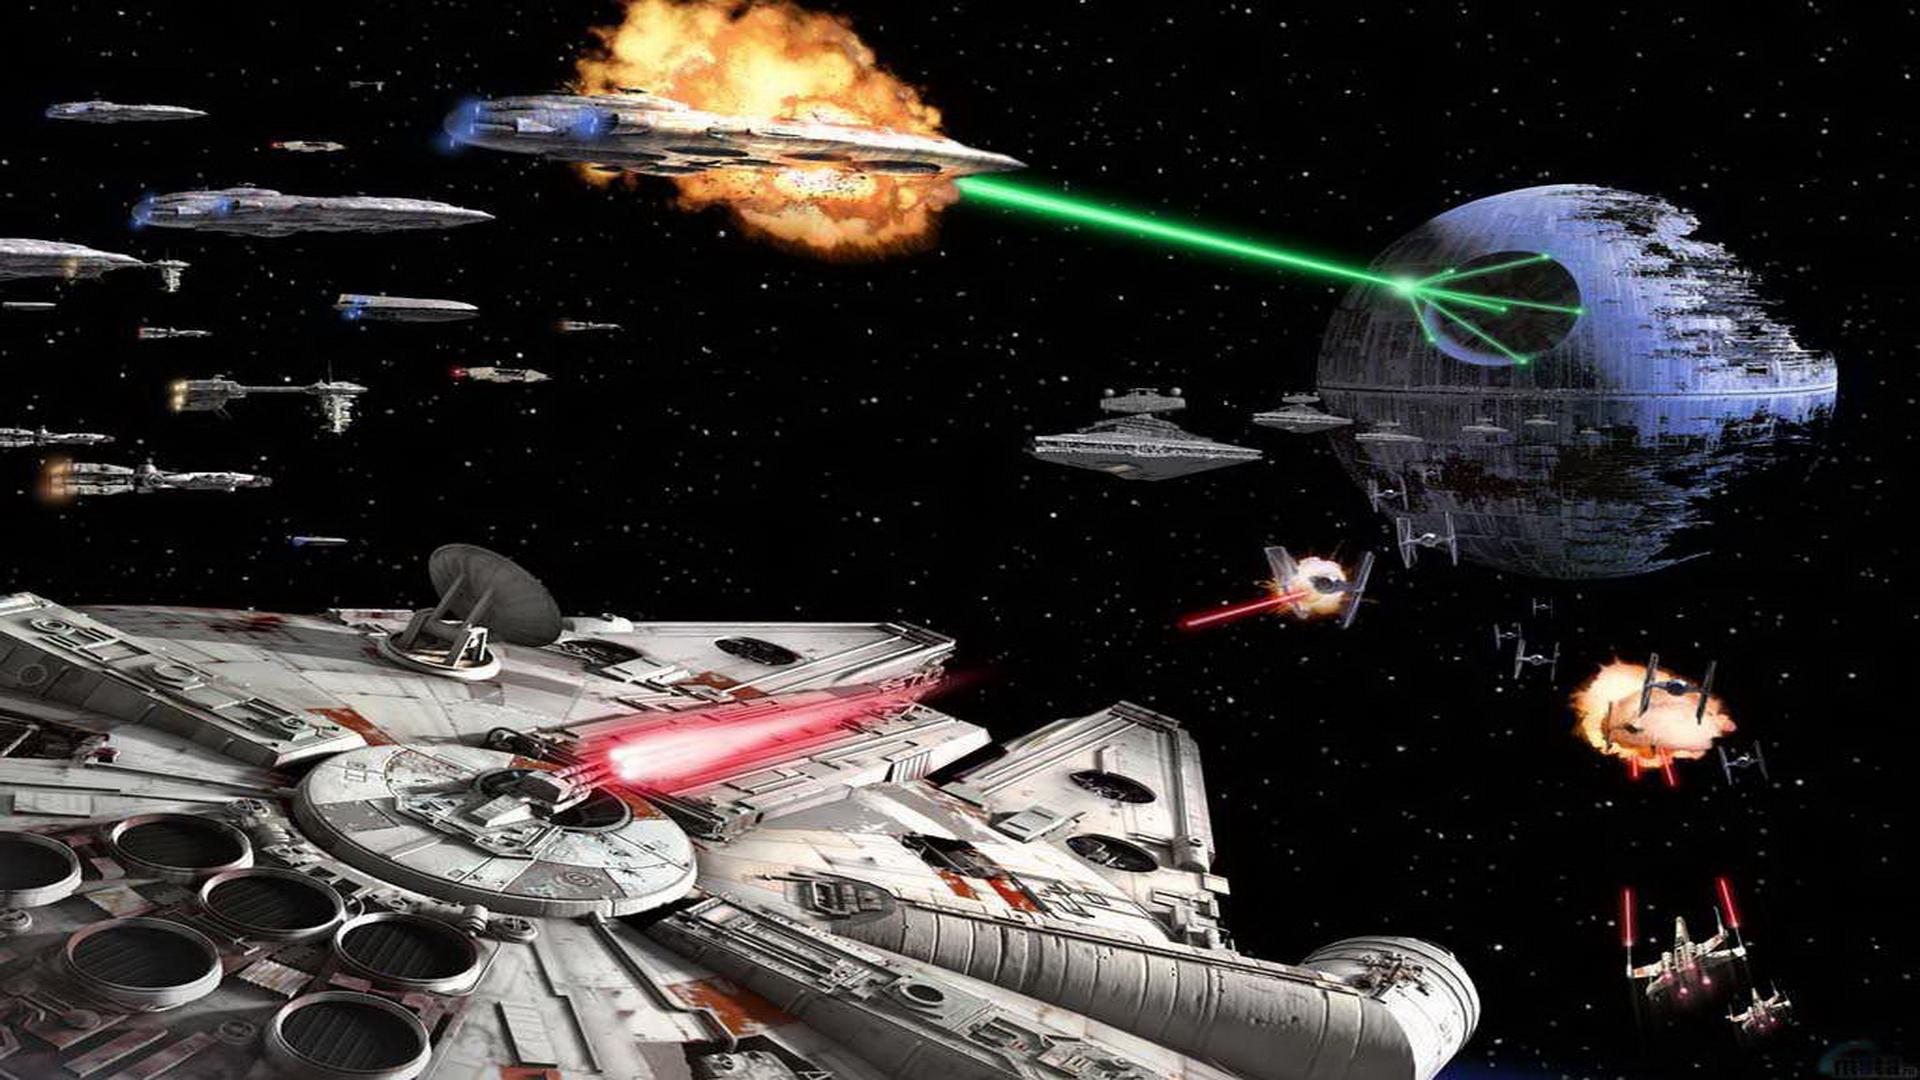 star wars battle of endor